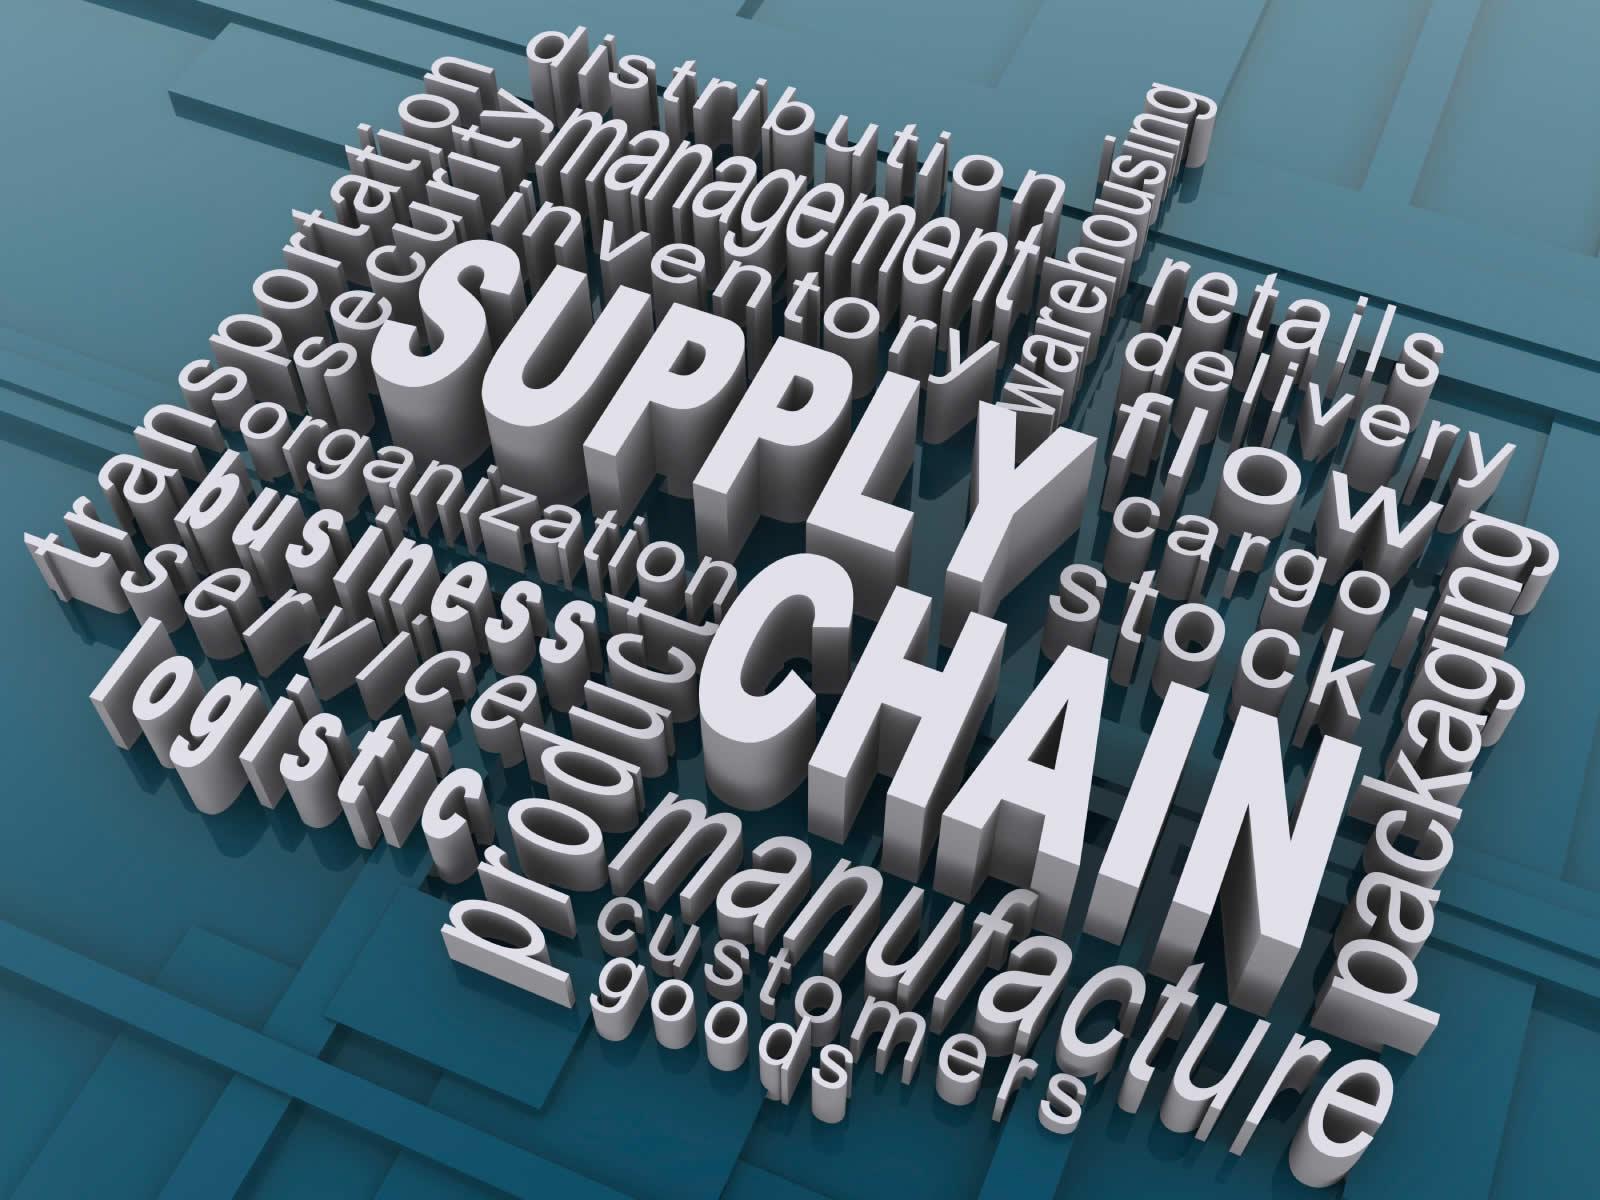 Le aziende retail rivedono le strategie per la supply chain per adattarsi ai cambiamenti futuri